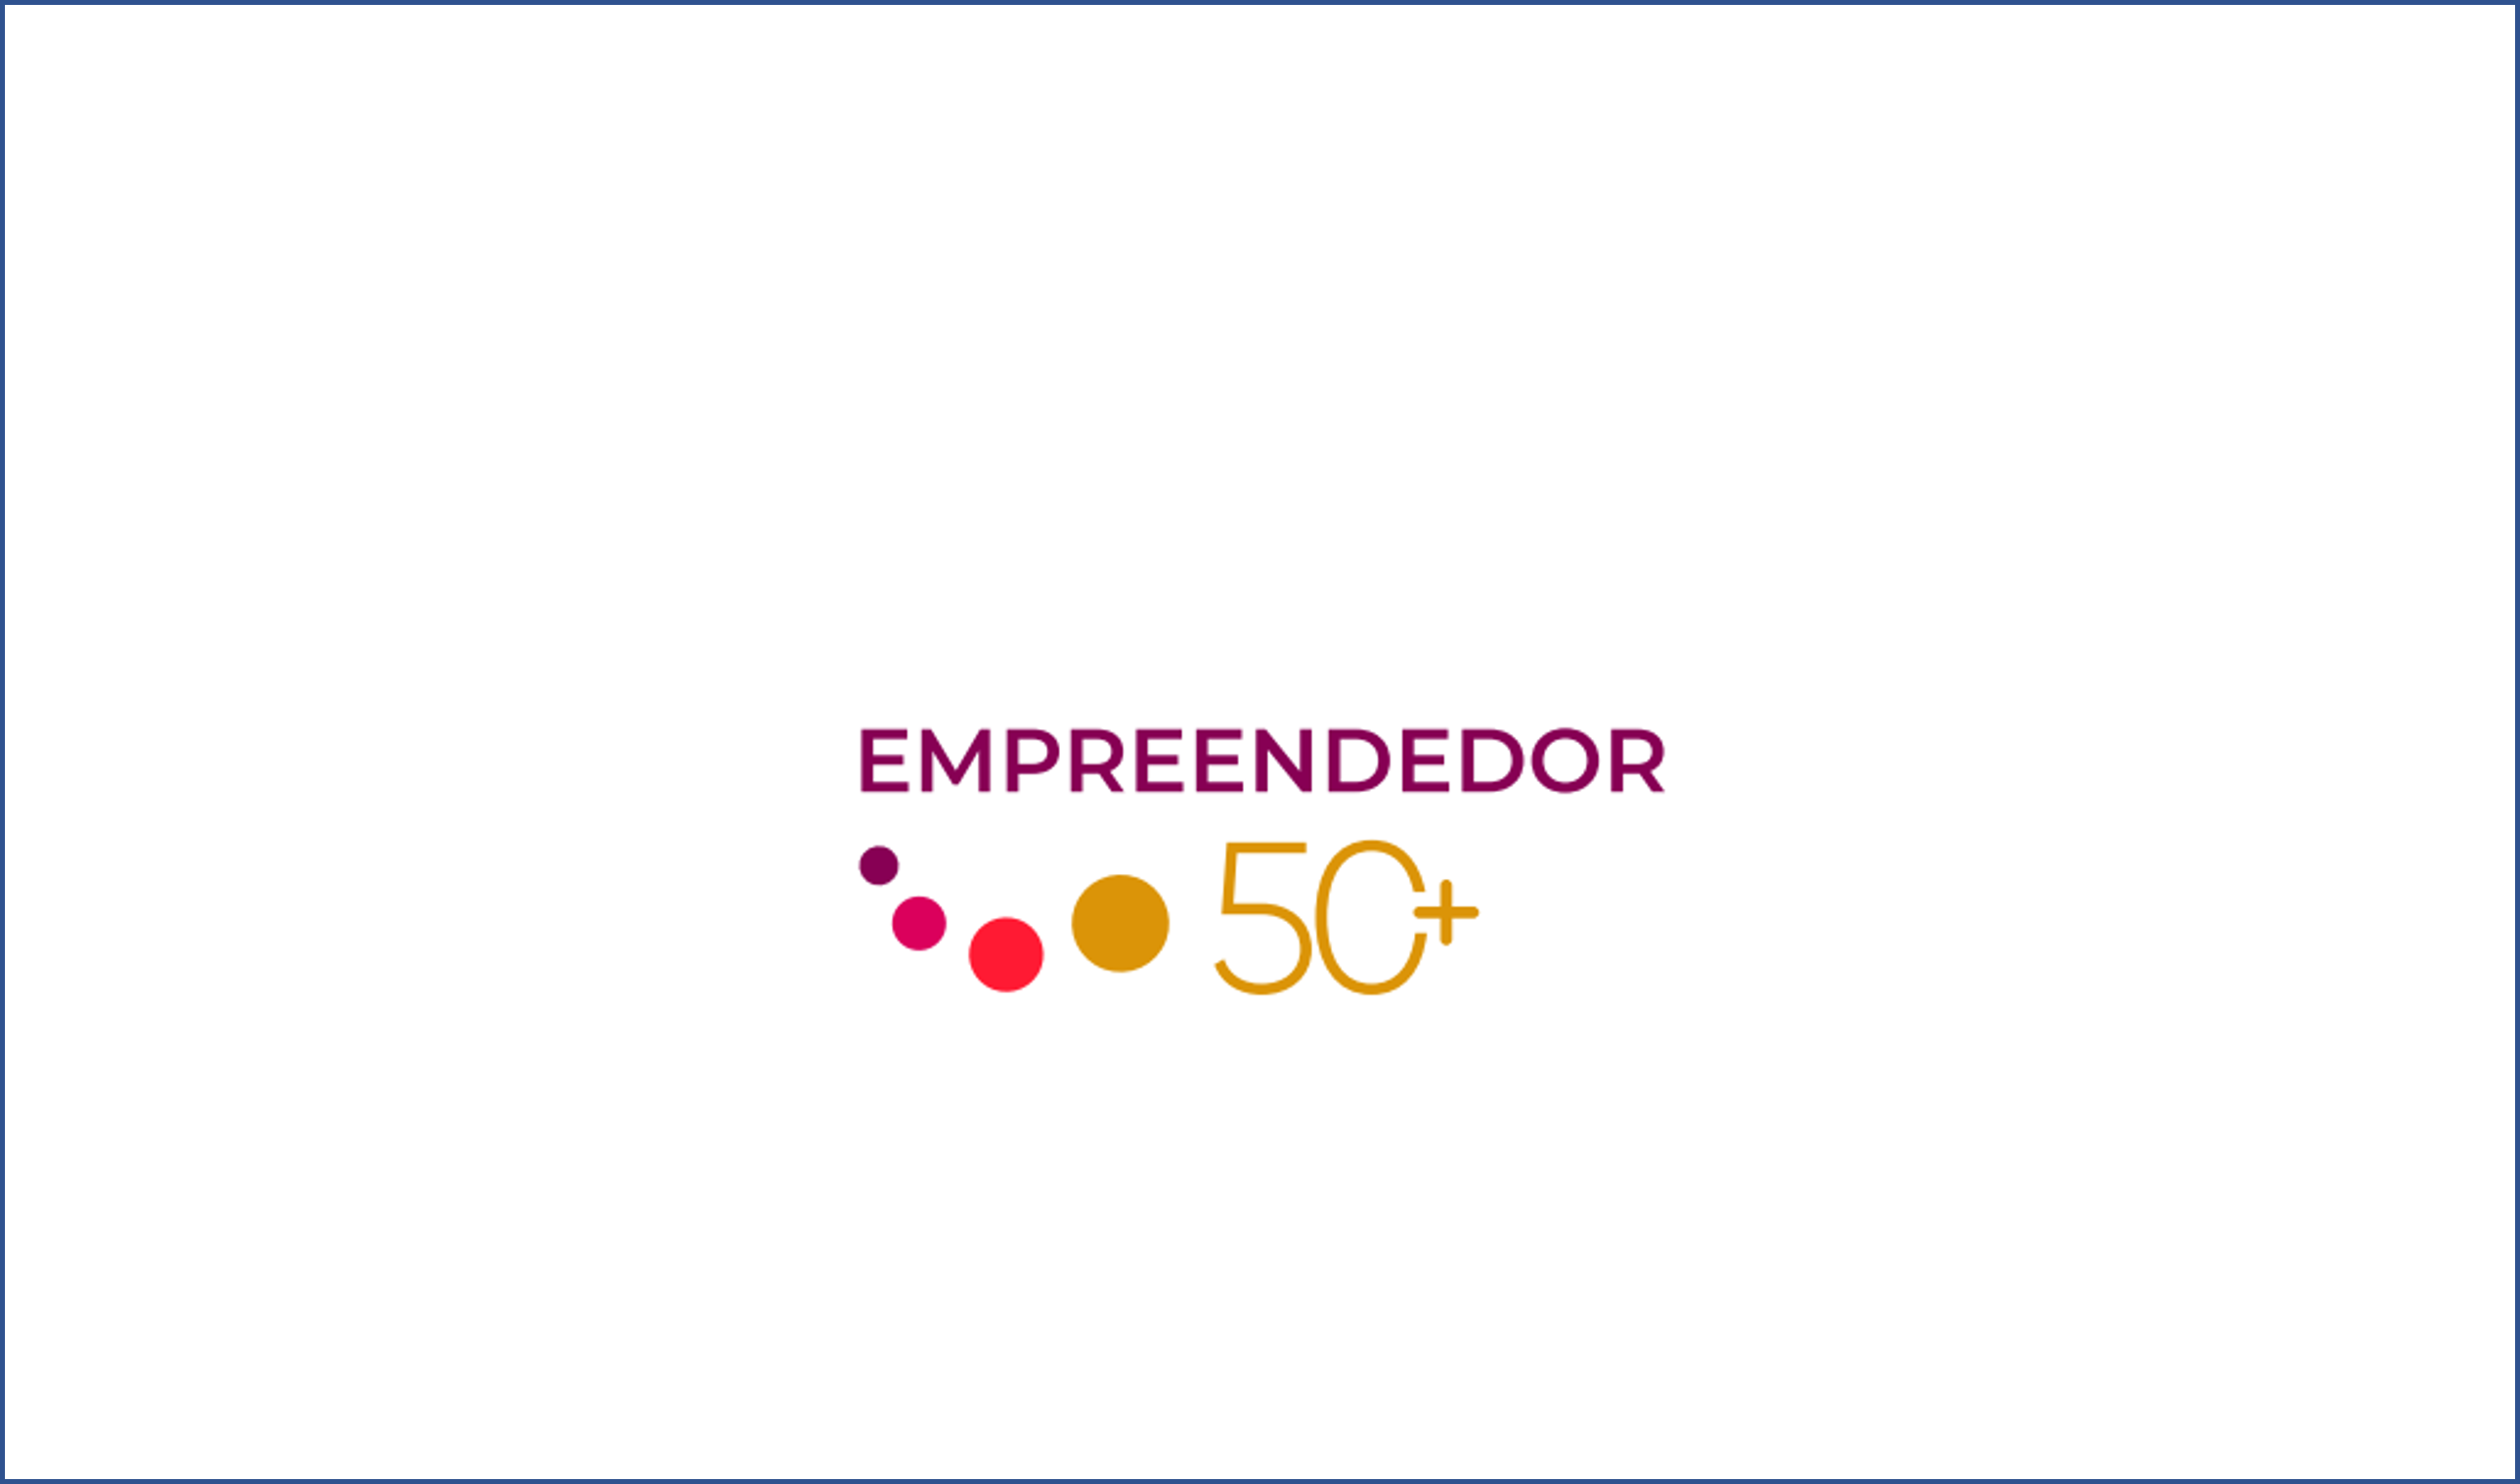 Empreendedor 50+ da Região Centro